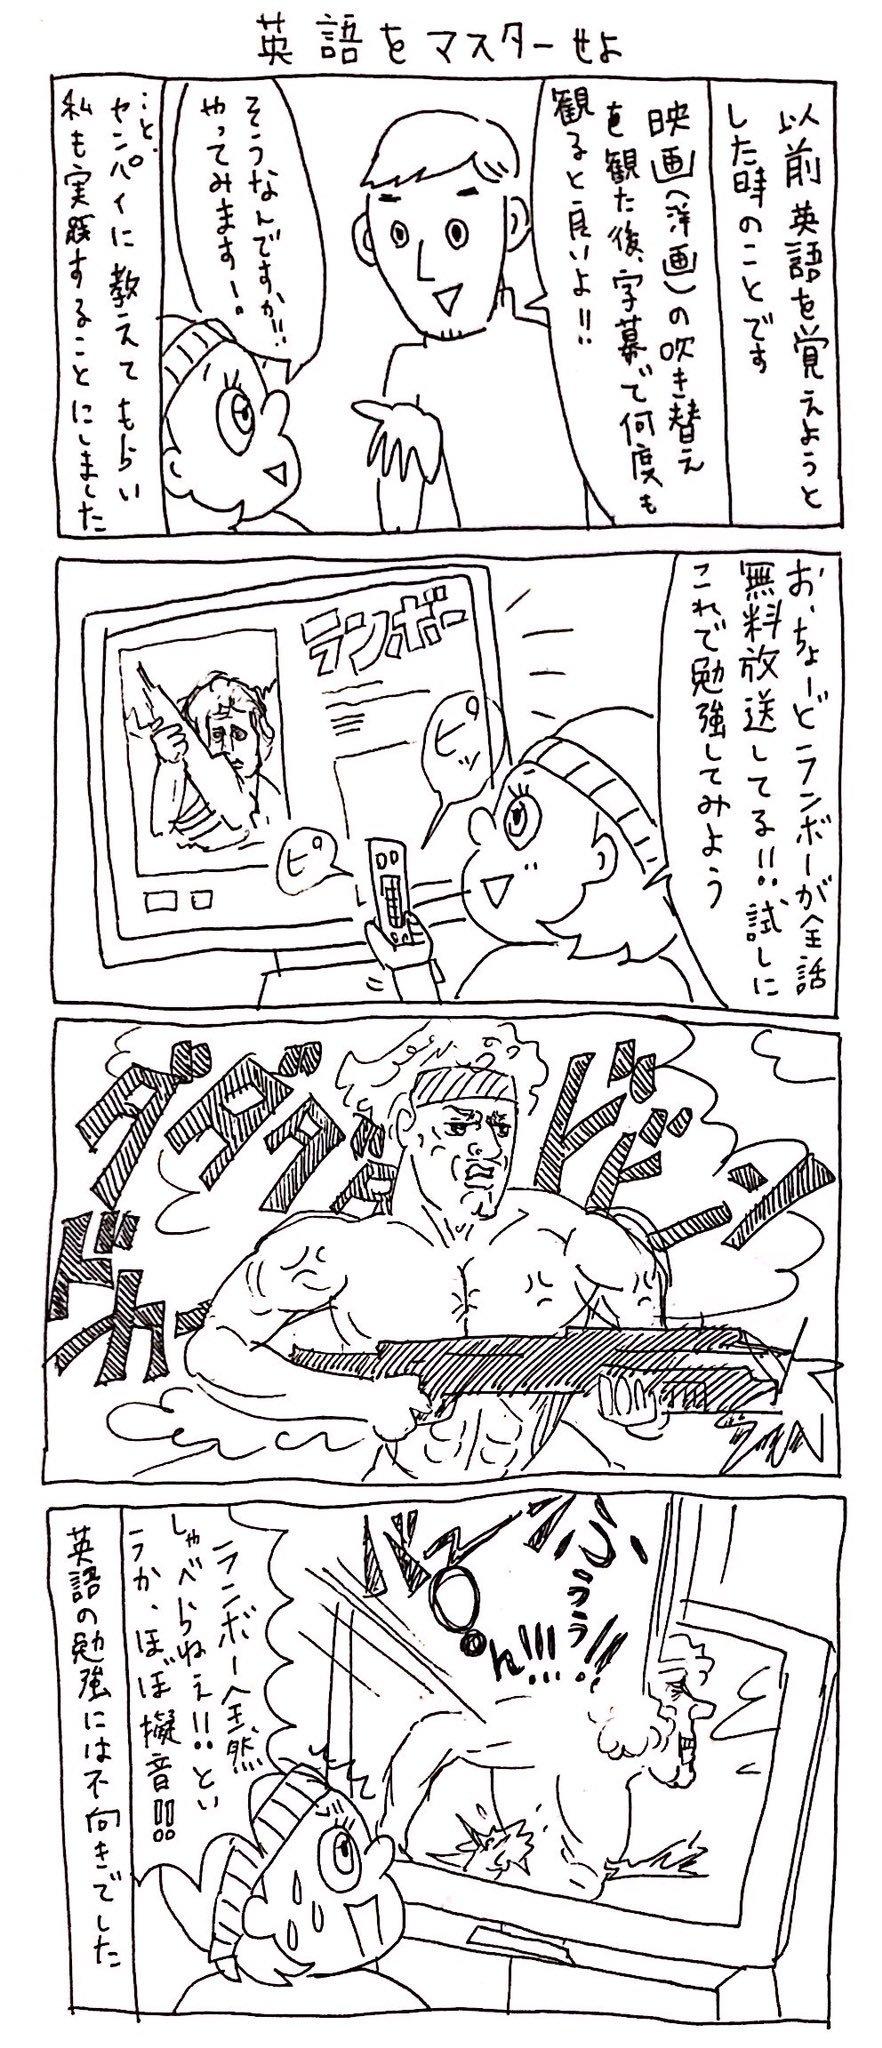 Twitterに投稿しているPちゃんの日常4コマ漫画まとめ3<全13話>ランボーは勉強にならない